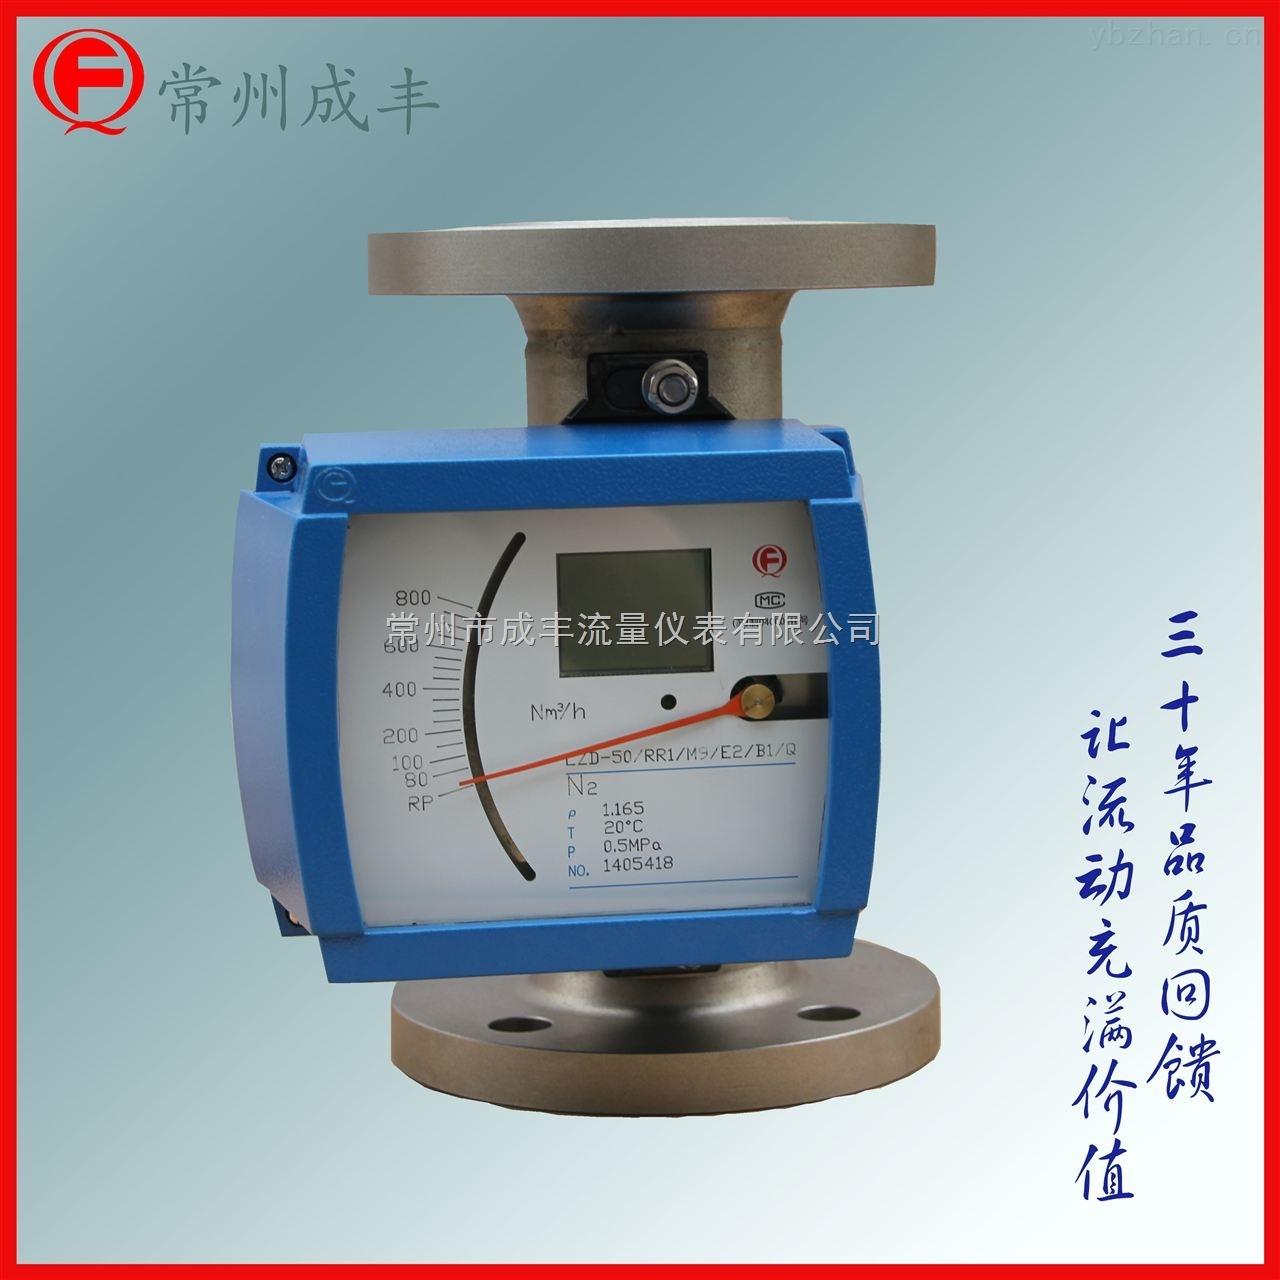 LZZ-常州高端流量計廠家哪里有/國產優質流量計品牌/成豐儀表第三代金屬管浮子流量計